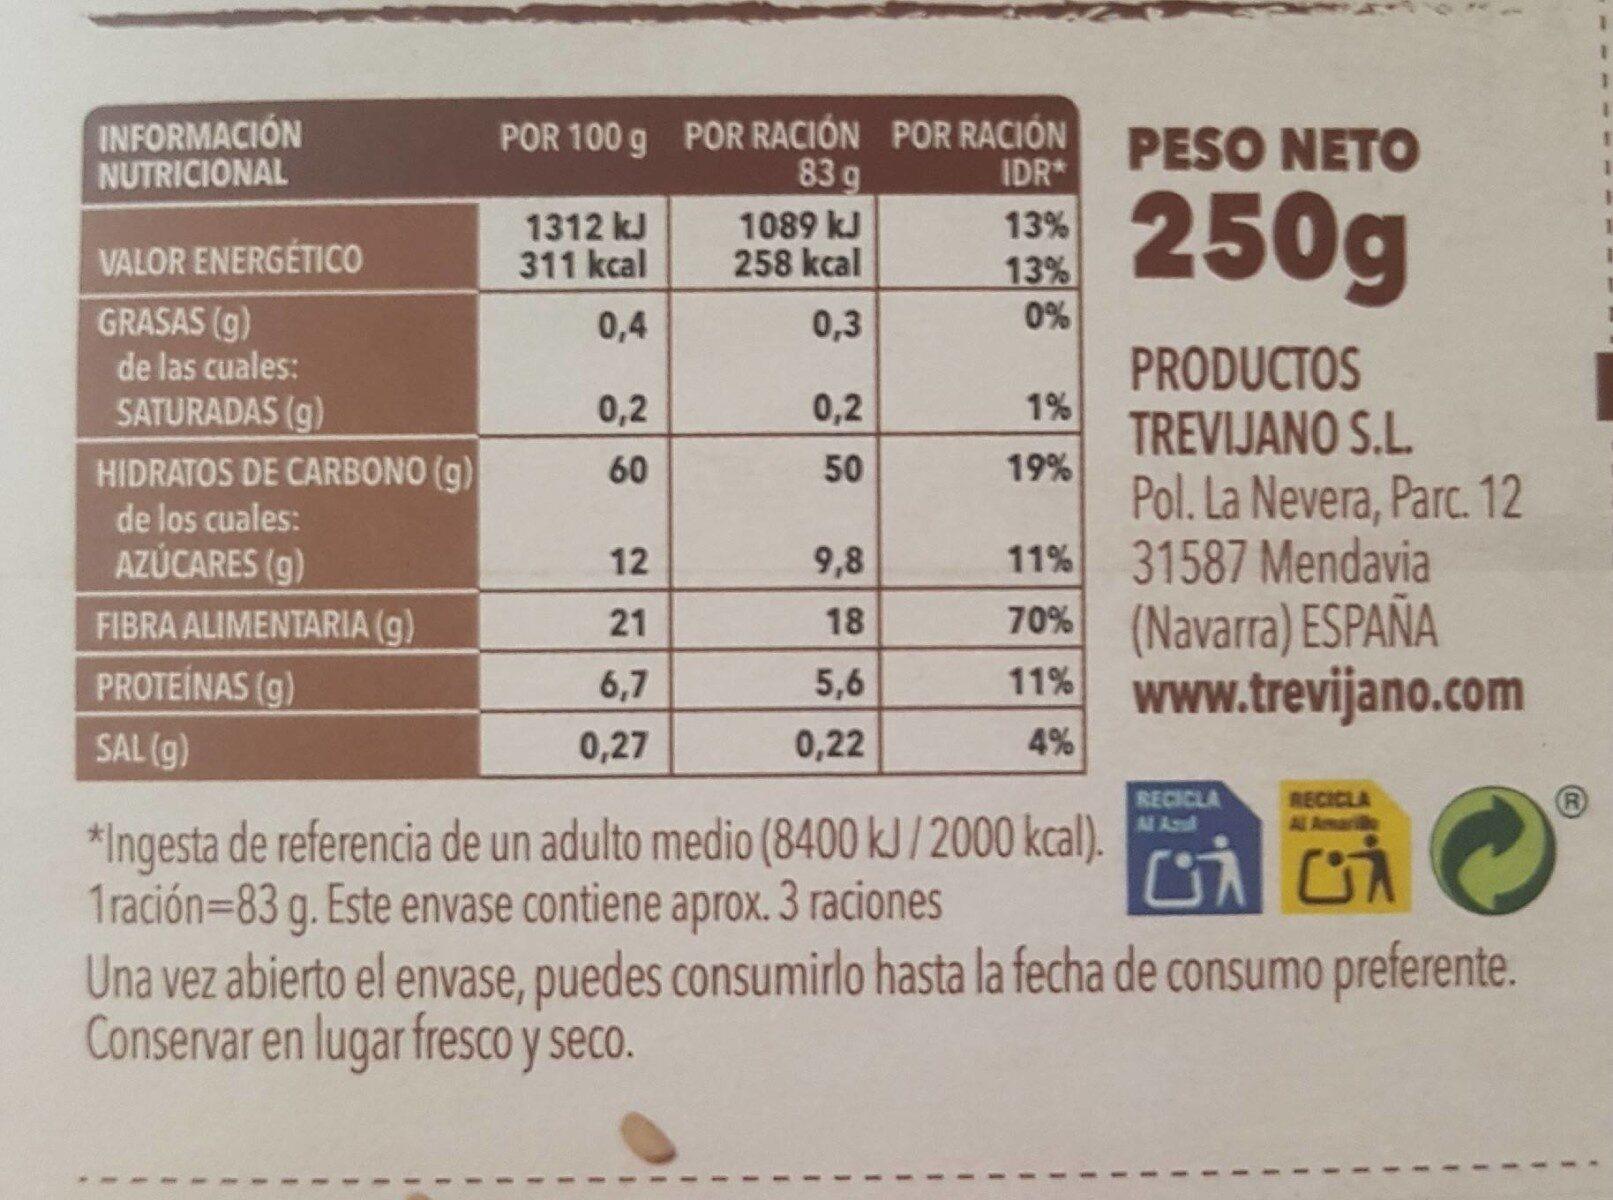 Arroz integral con trigueros - Información nutricional - es